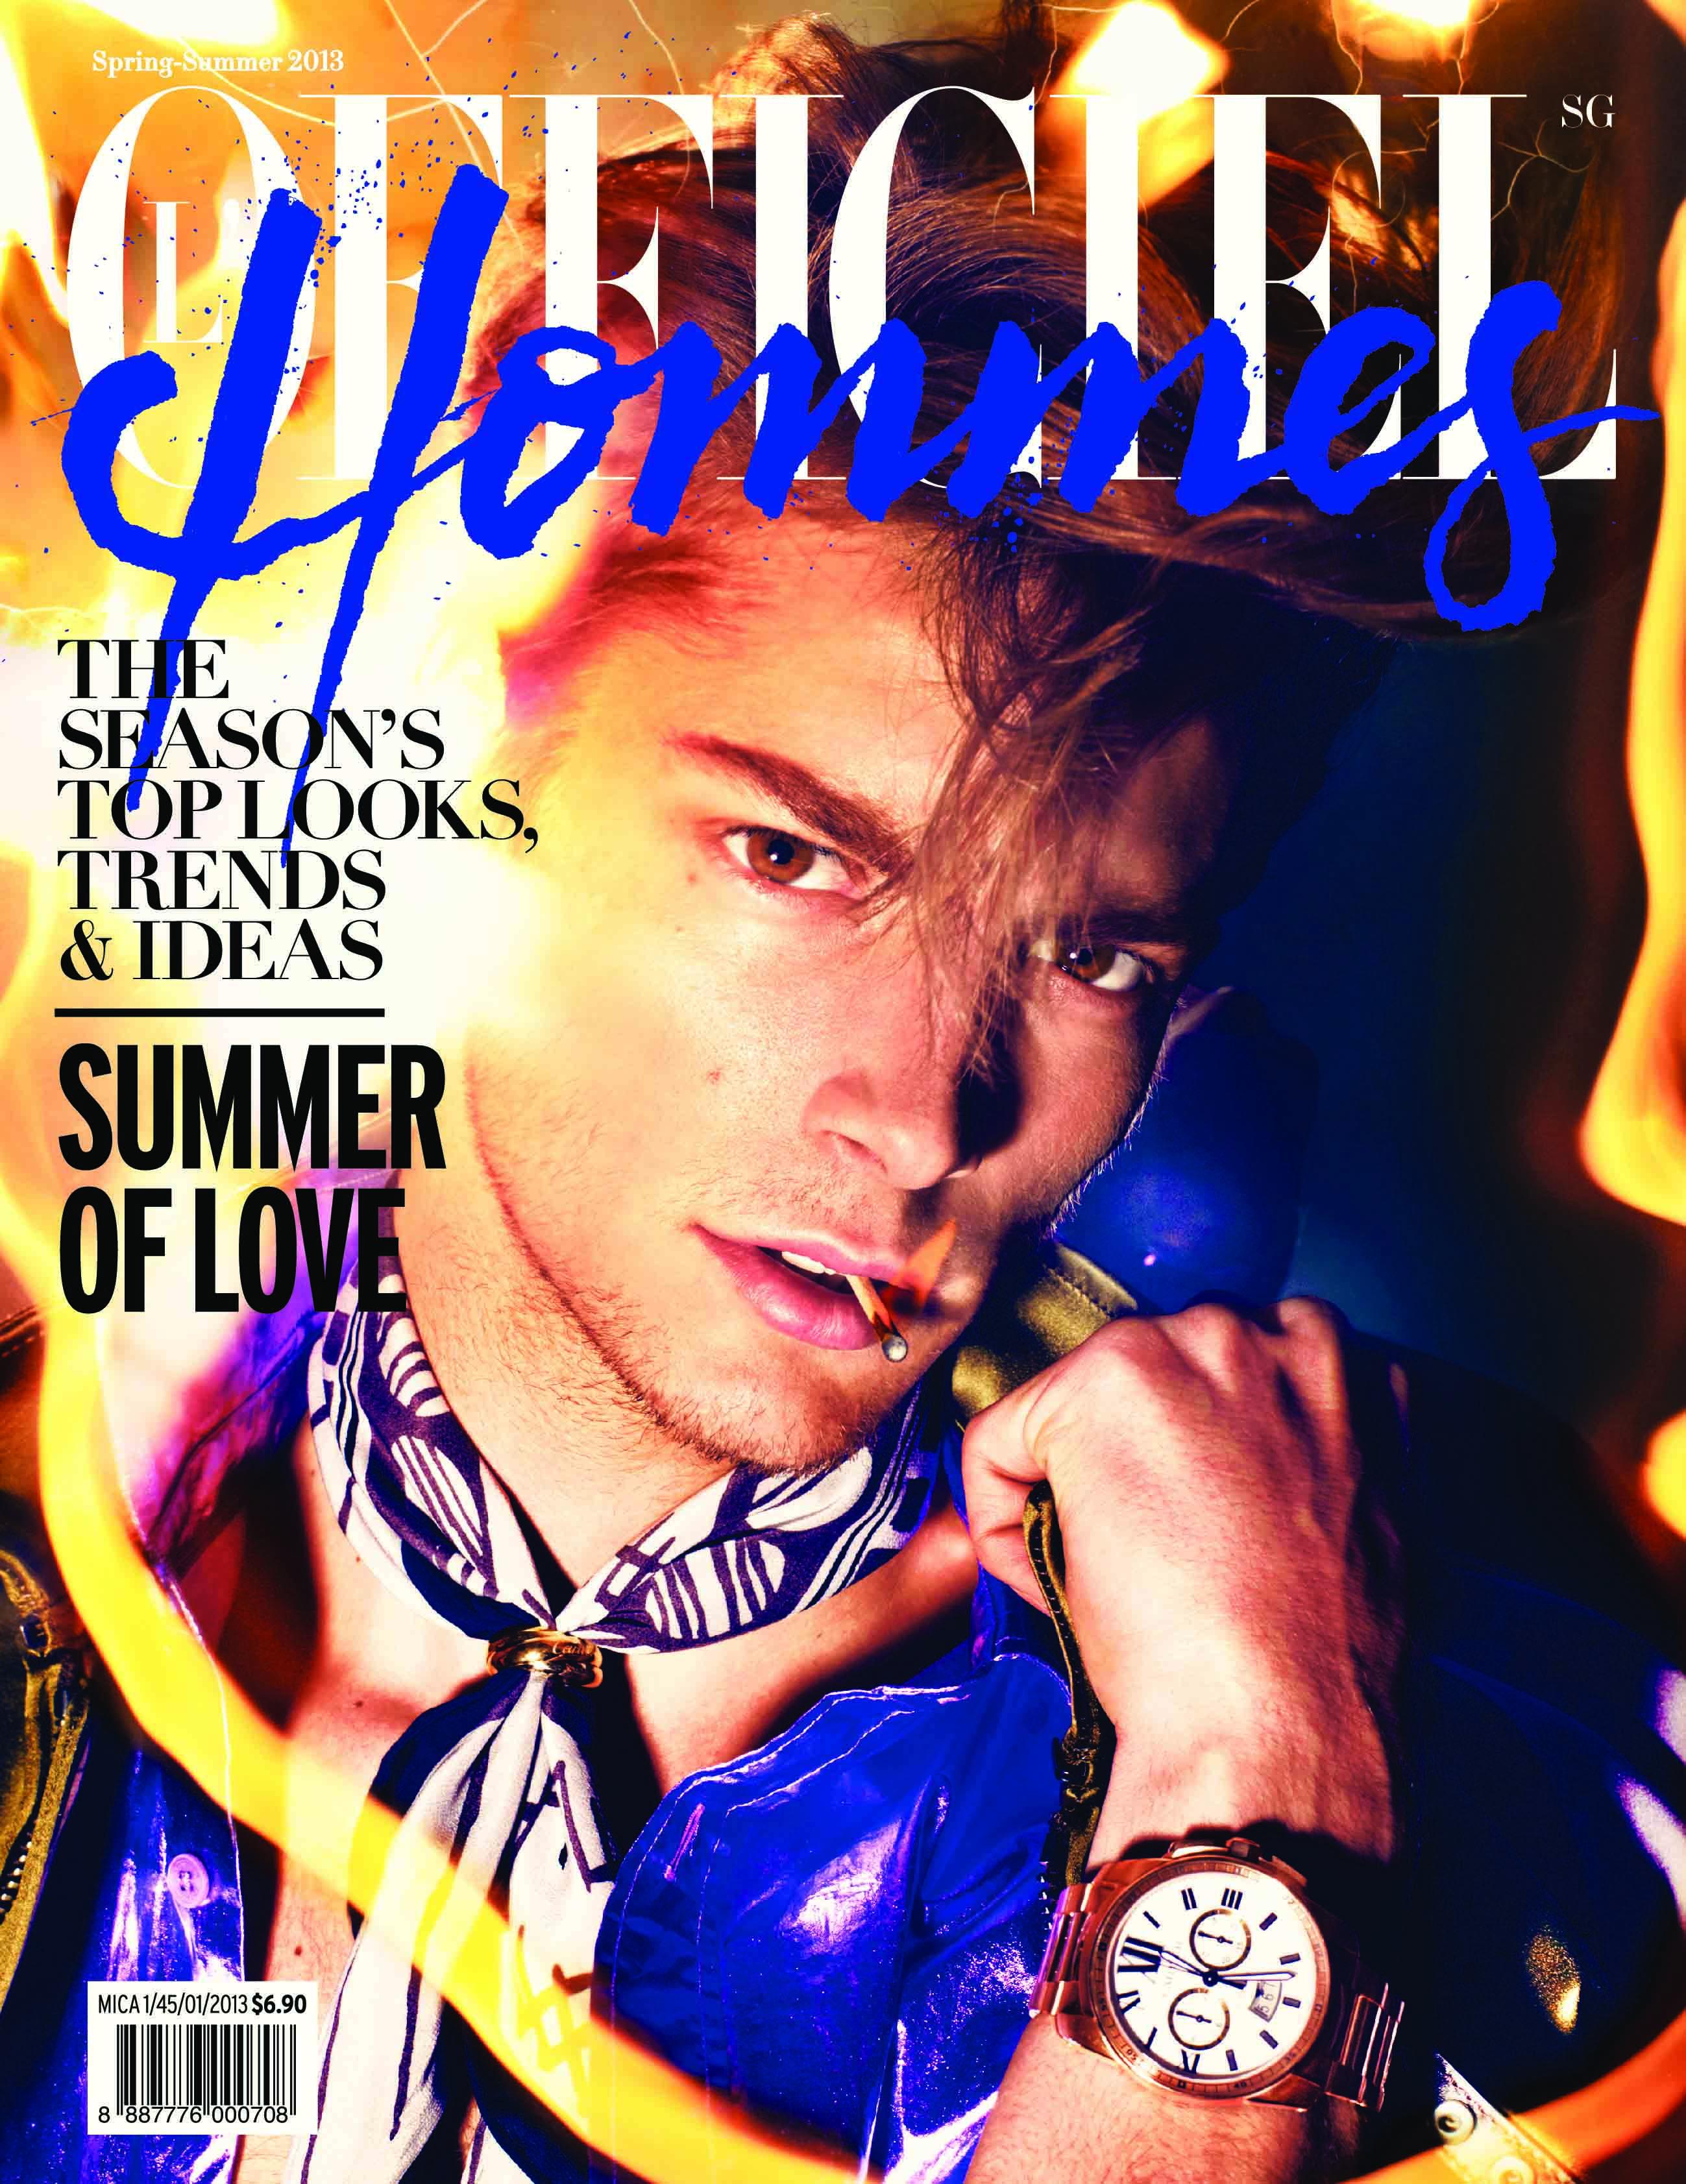 Timothée Bertoni Covers L'Officiel Hommes Singapore's Spring/Summer 2013 Issue